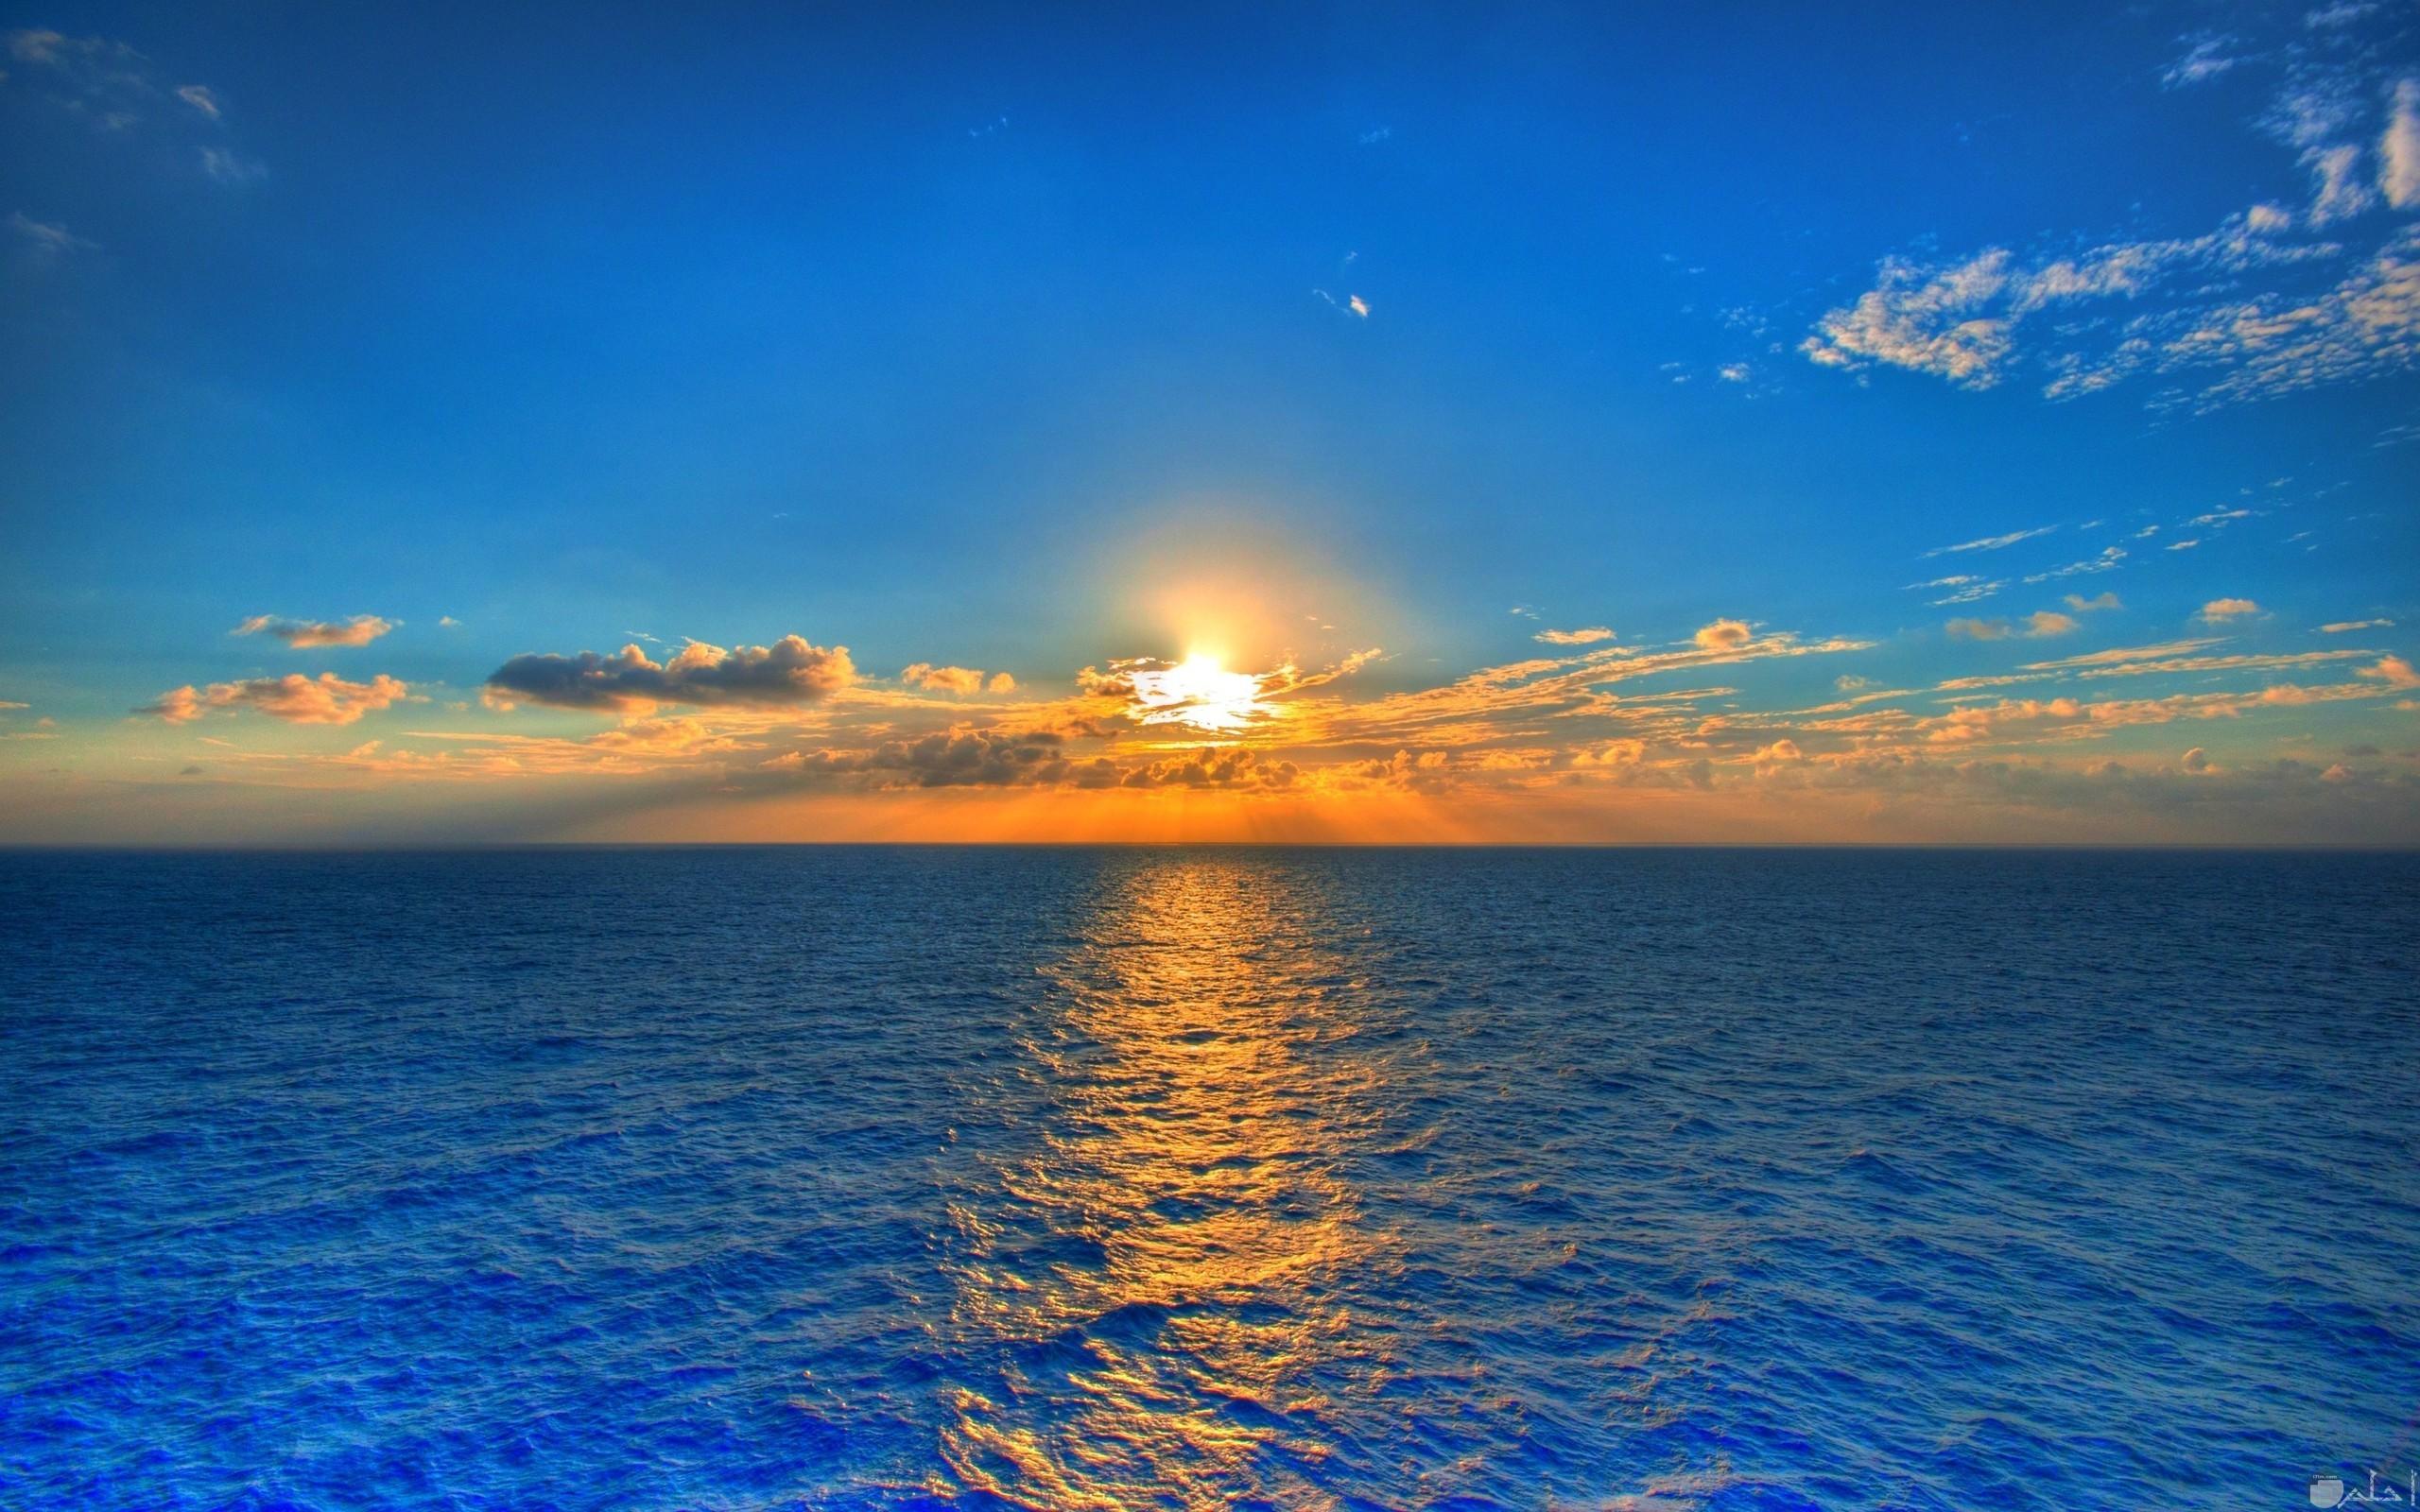 الشمس و سطوعها على سطح البحر.